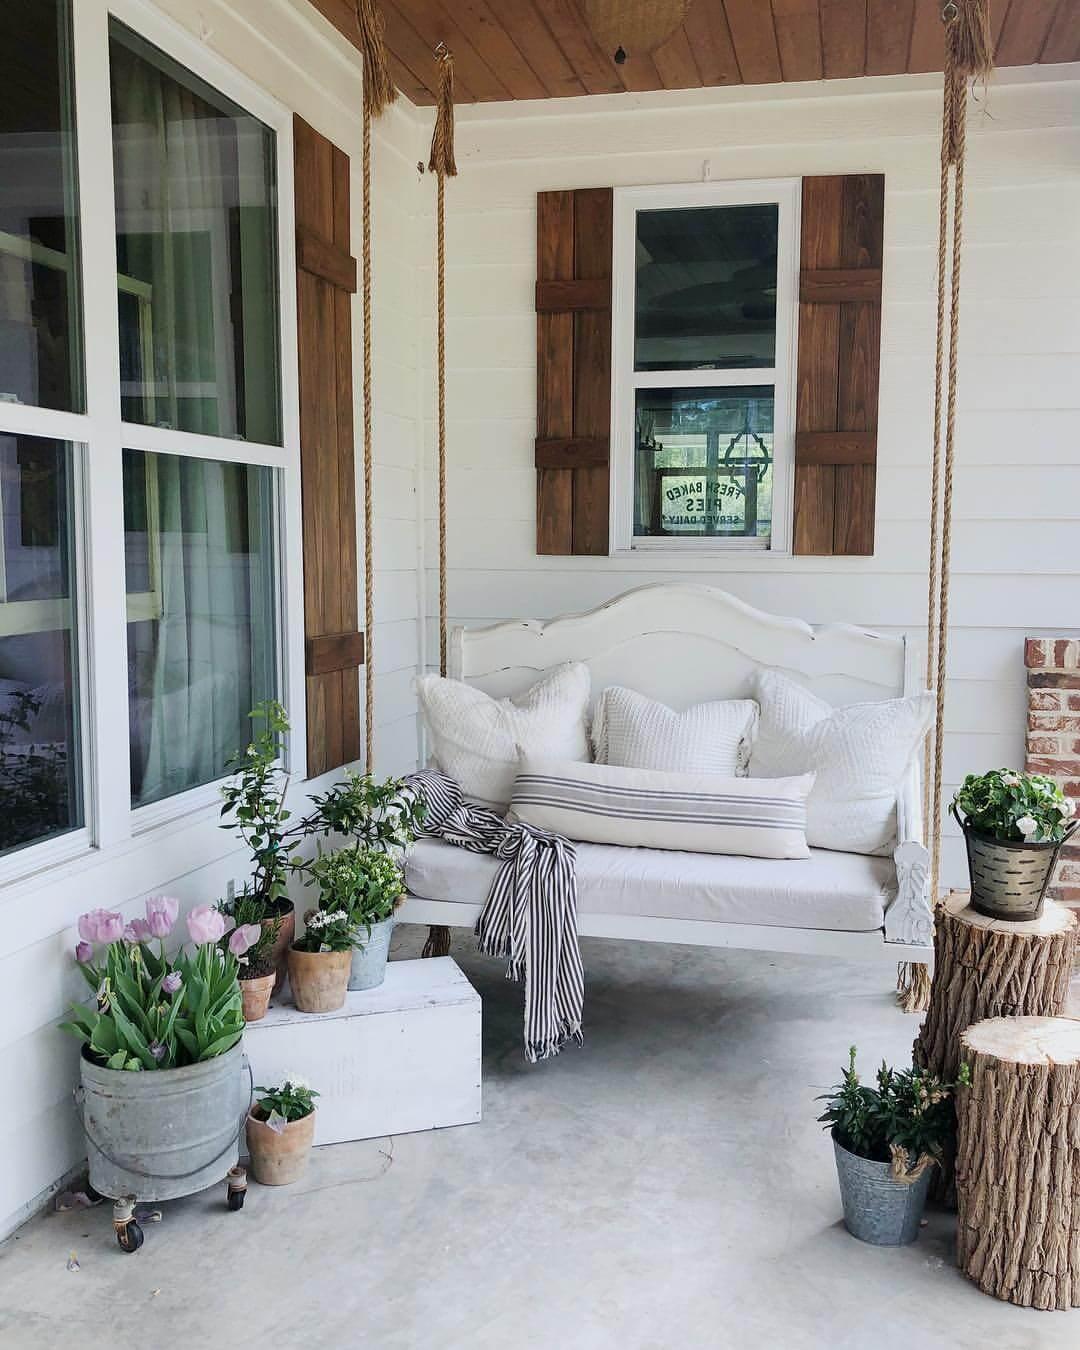 17 Best Farmhouse Outdoor Decor Ideas and Designs for 2020 on Farmhouse Yard Ideas id=77492